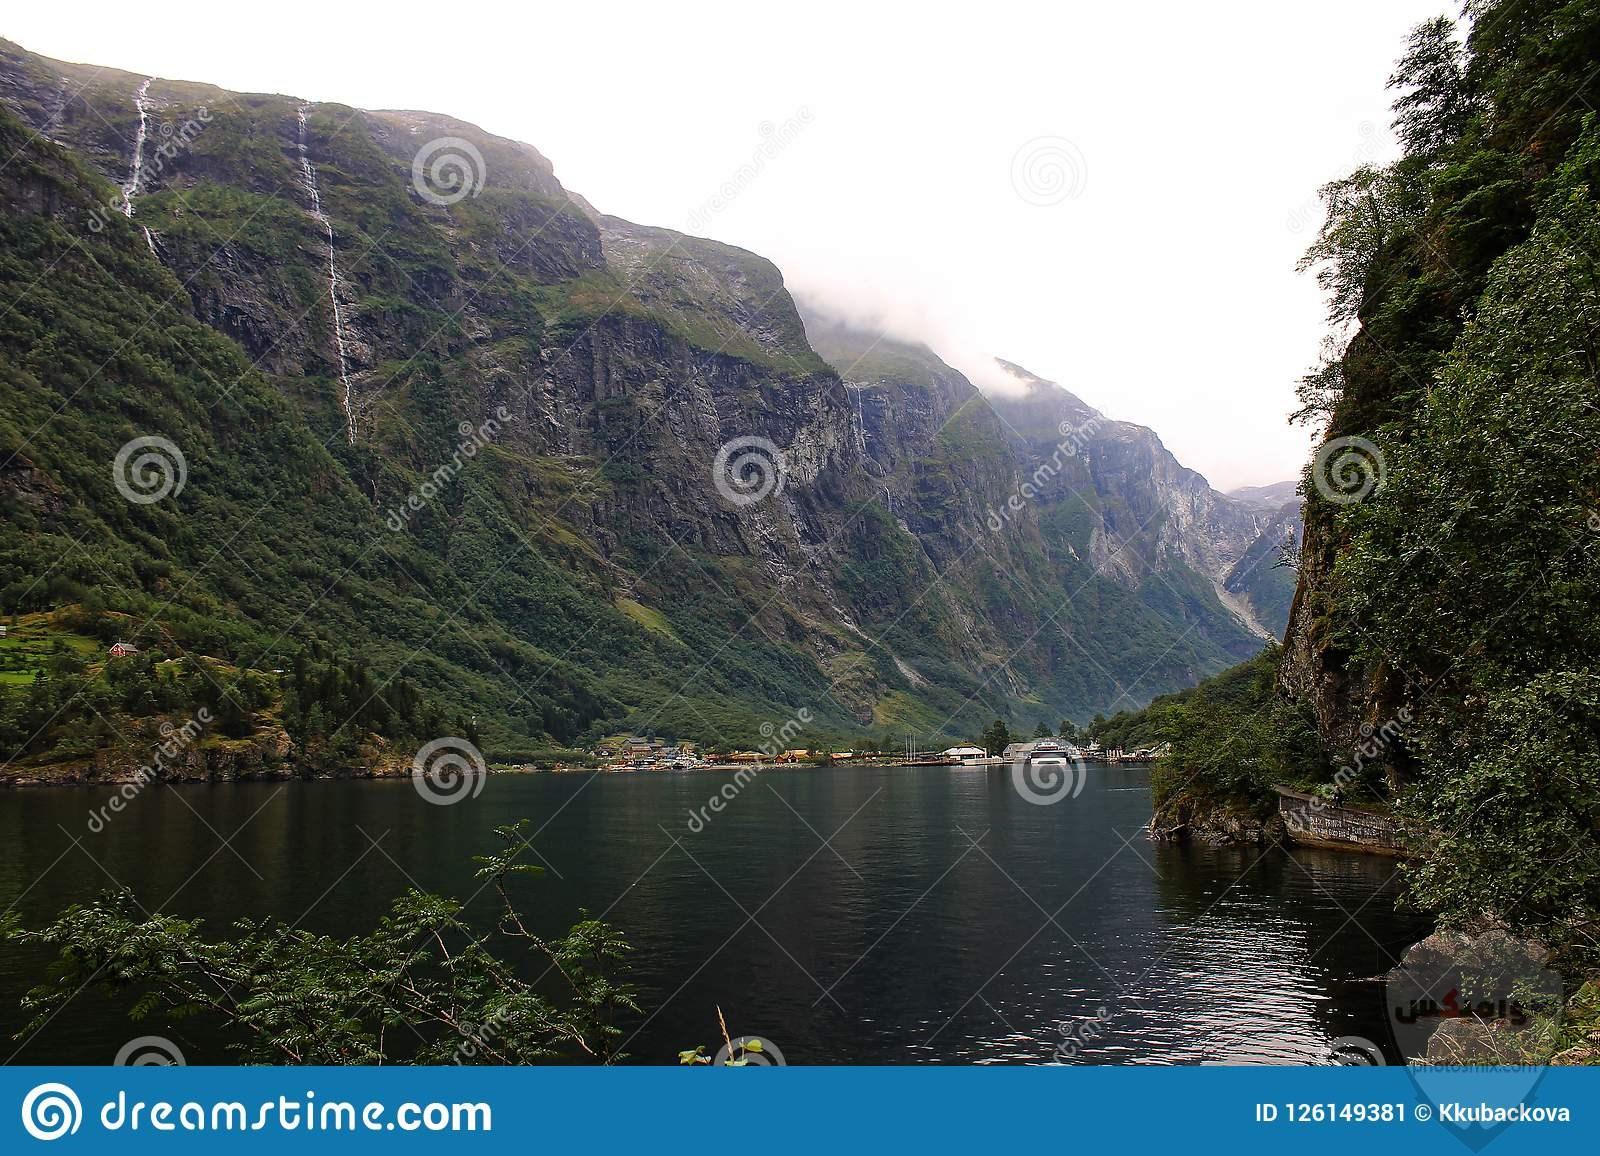 غروب هادئ الجبال والمياه تحميل PNG ، الغروب كن هادئا الجبل ناقلات الفنون ، ملفات PSD والخلفية 7